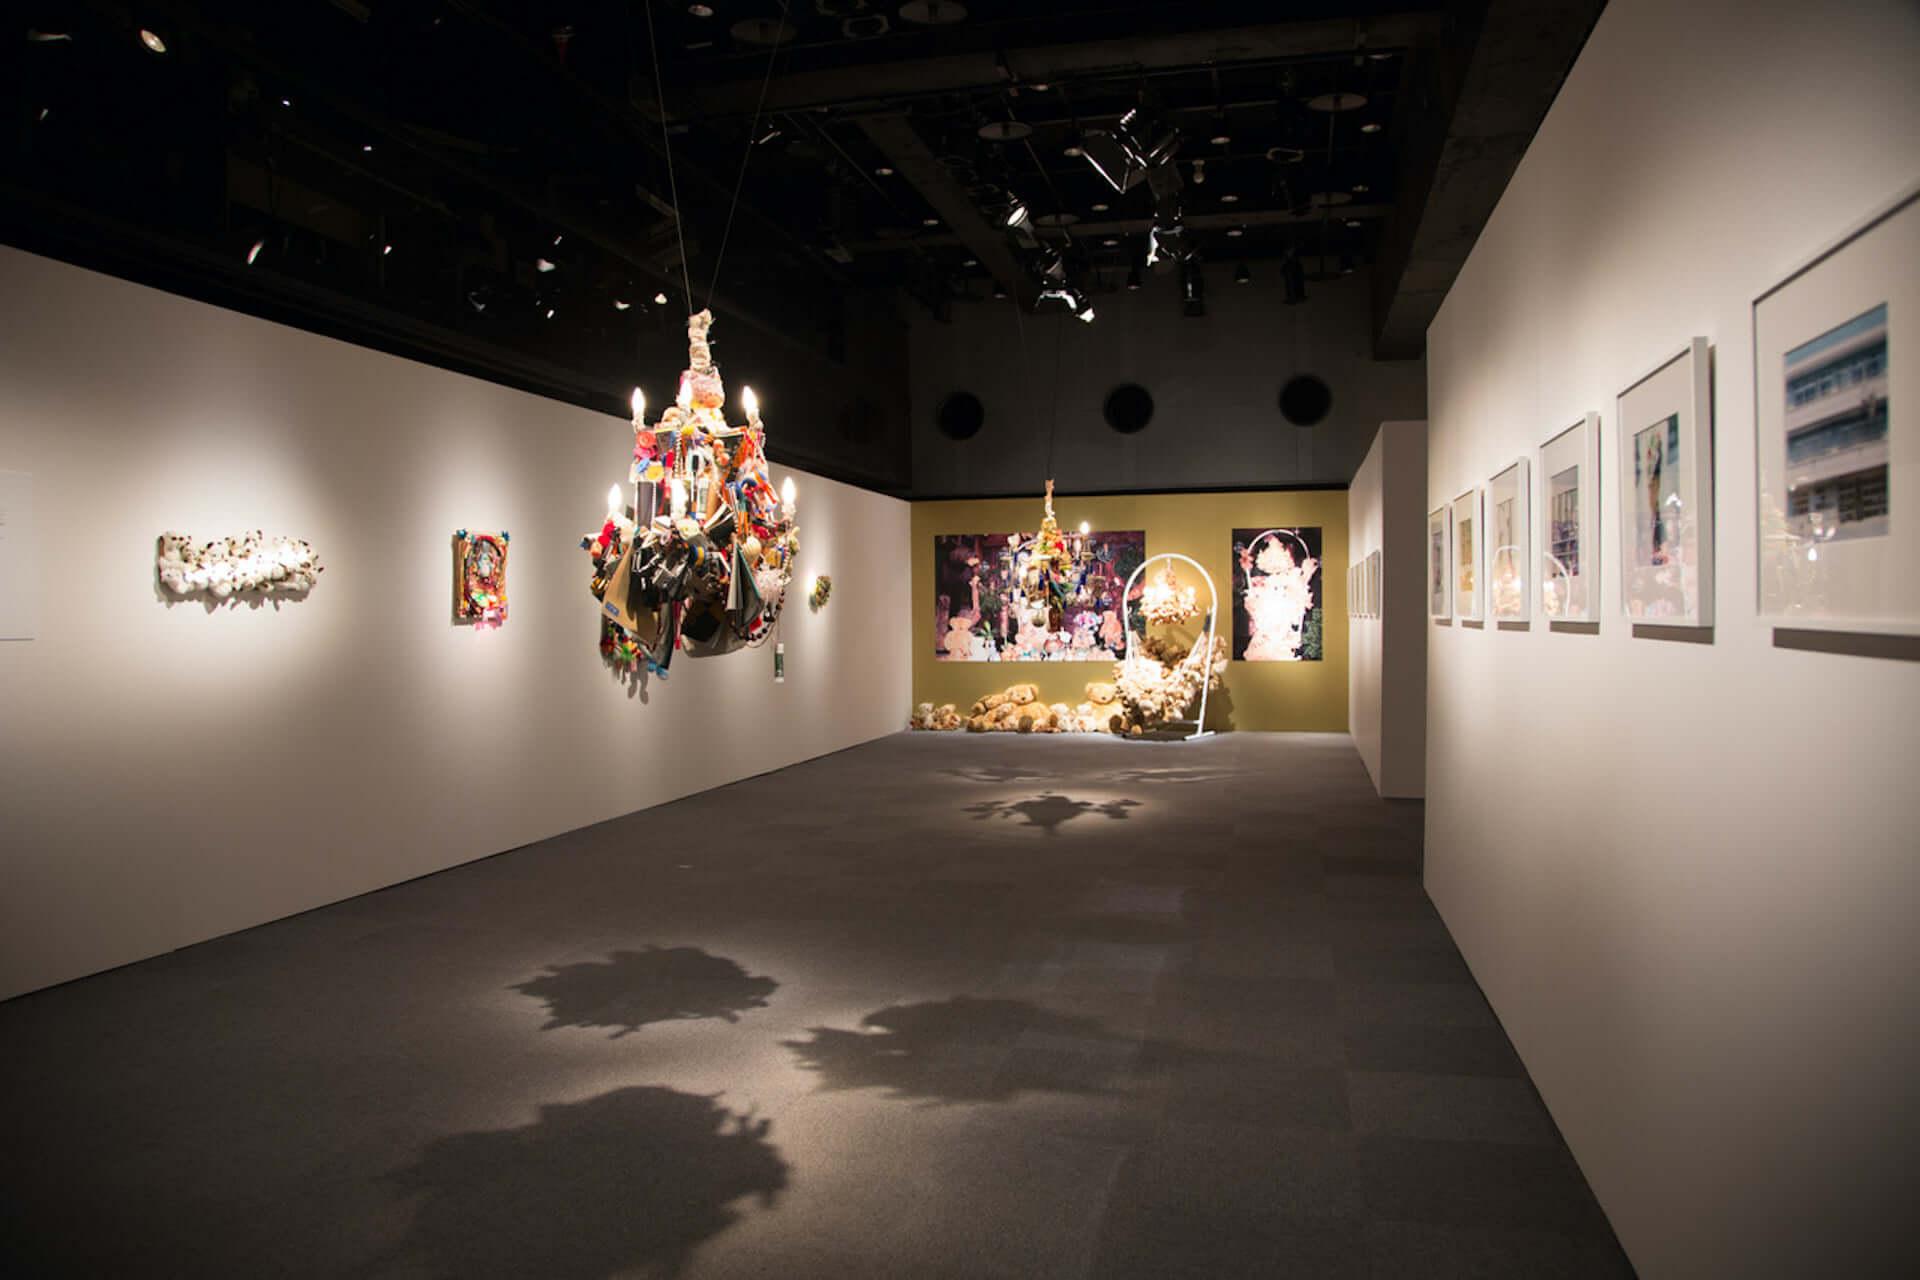 シャンデリアアーティスト、キム・ソンヘの活動15周年記念!渋谷PARCOにて展覧会<天国 − HEAVEN>が開催決定&公開制作も実施 art210118_kimsonghe_5-1920x1280